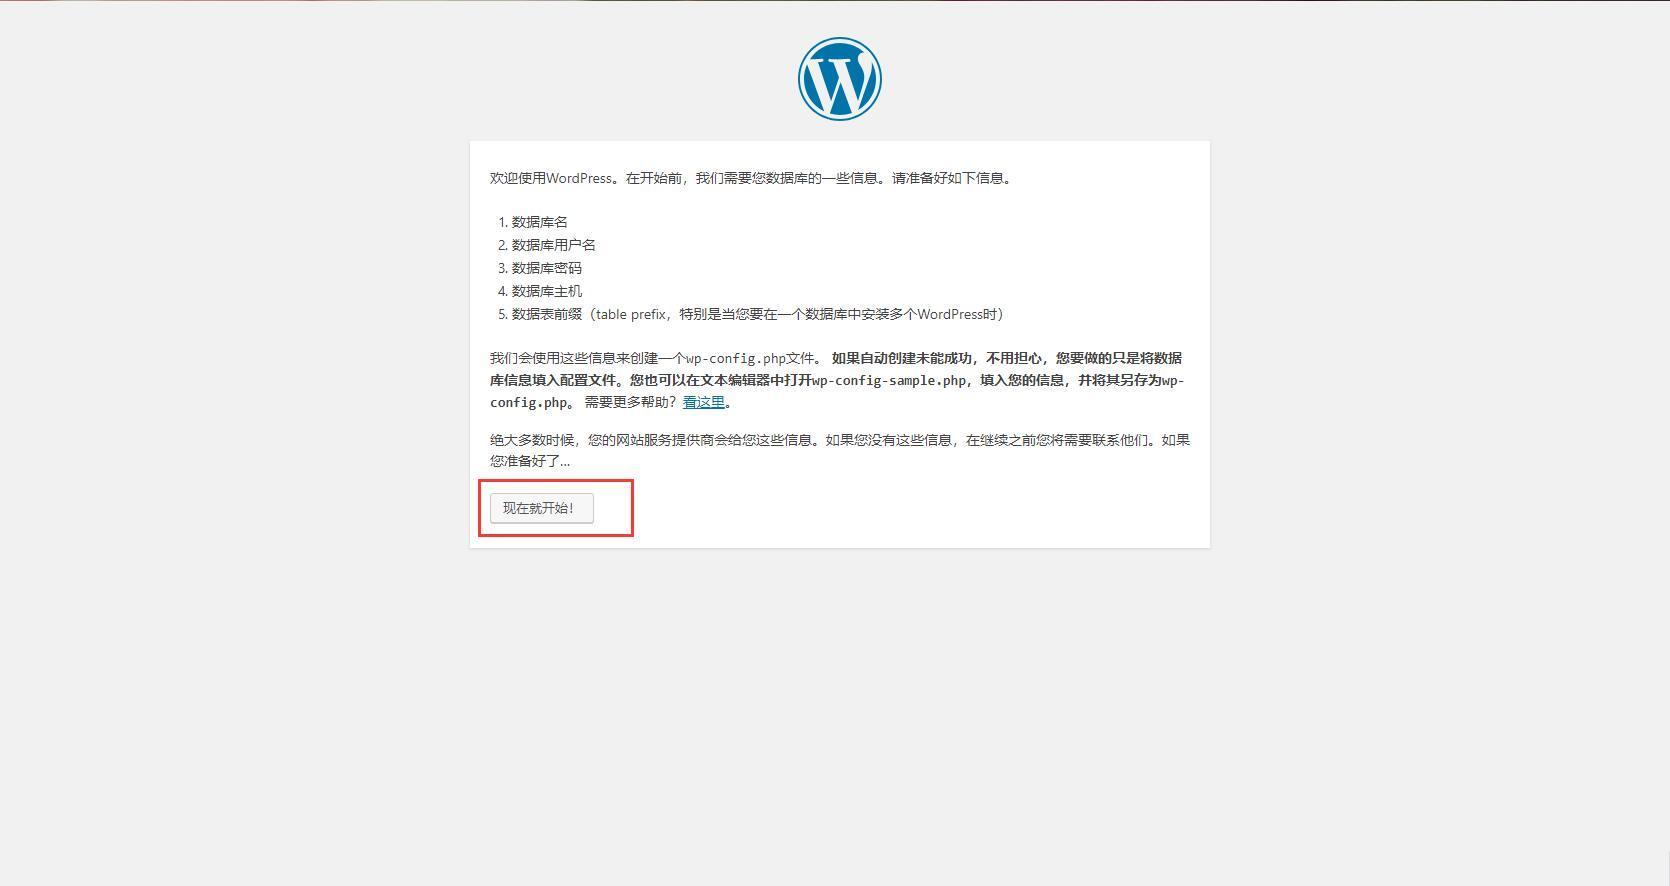 建站教程丨网站服务器应该选择Windows系统还是Linux系统插图13